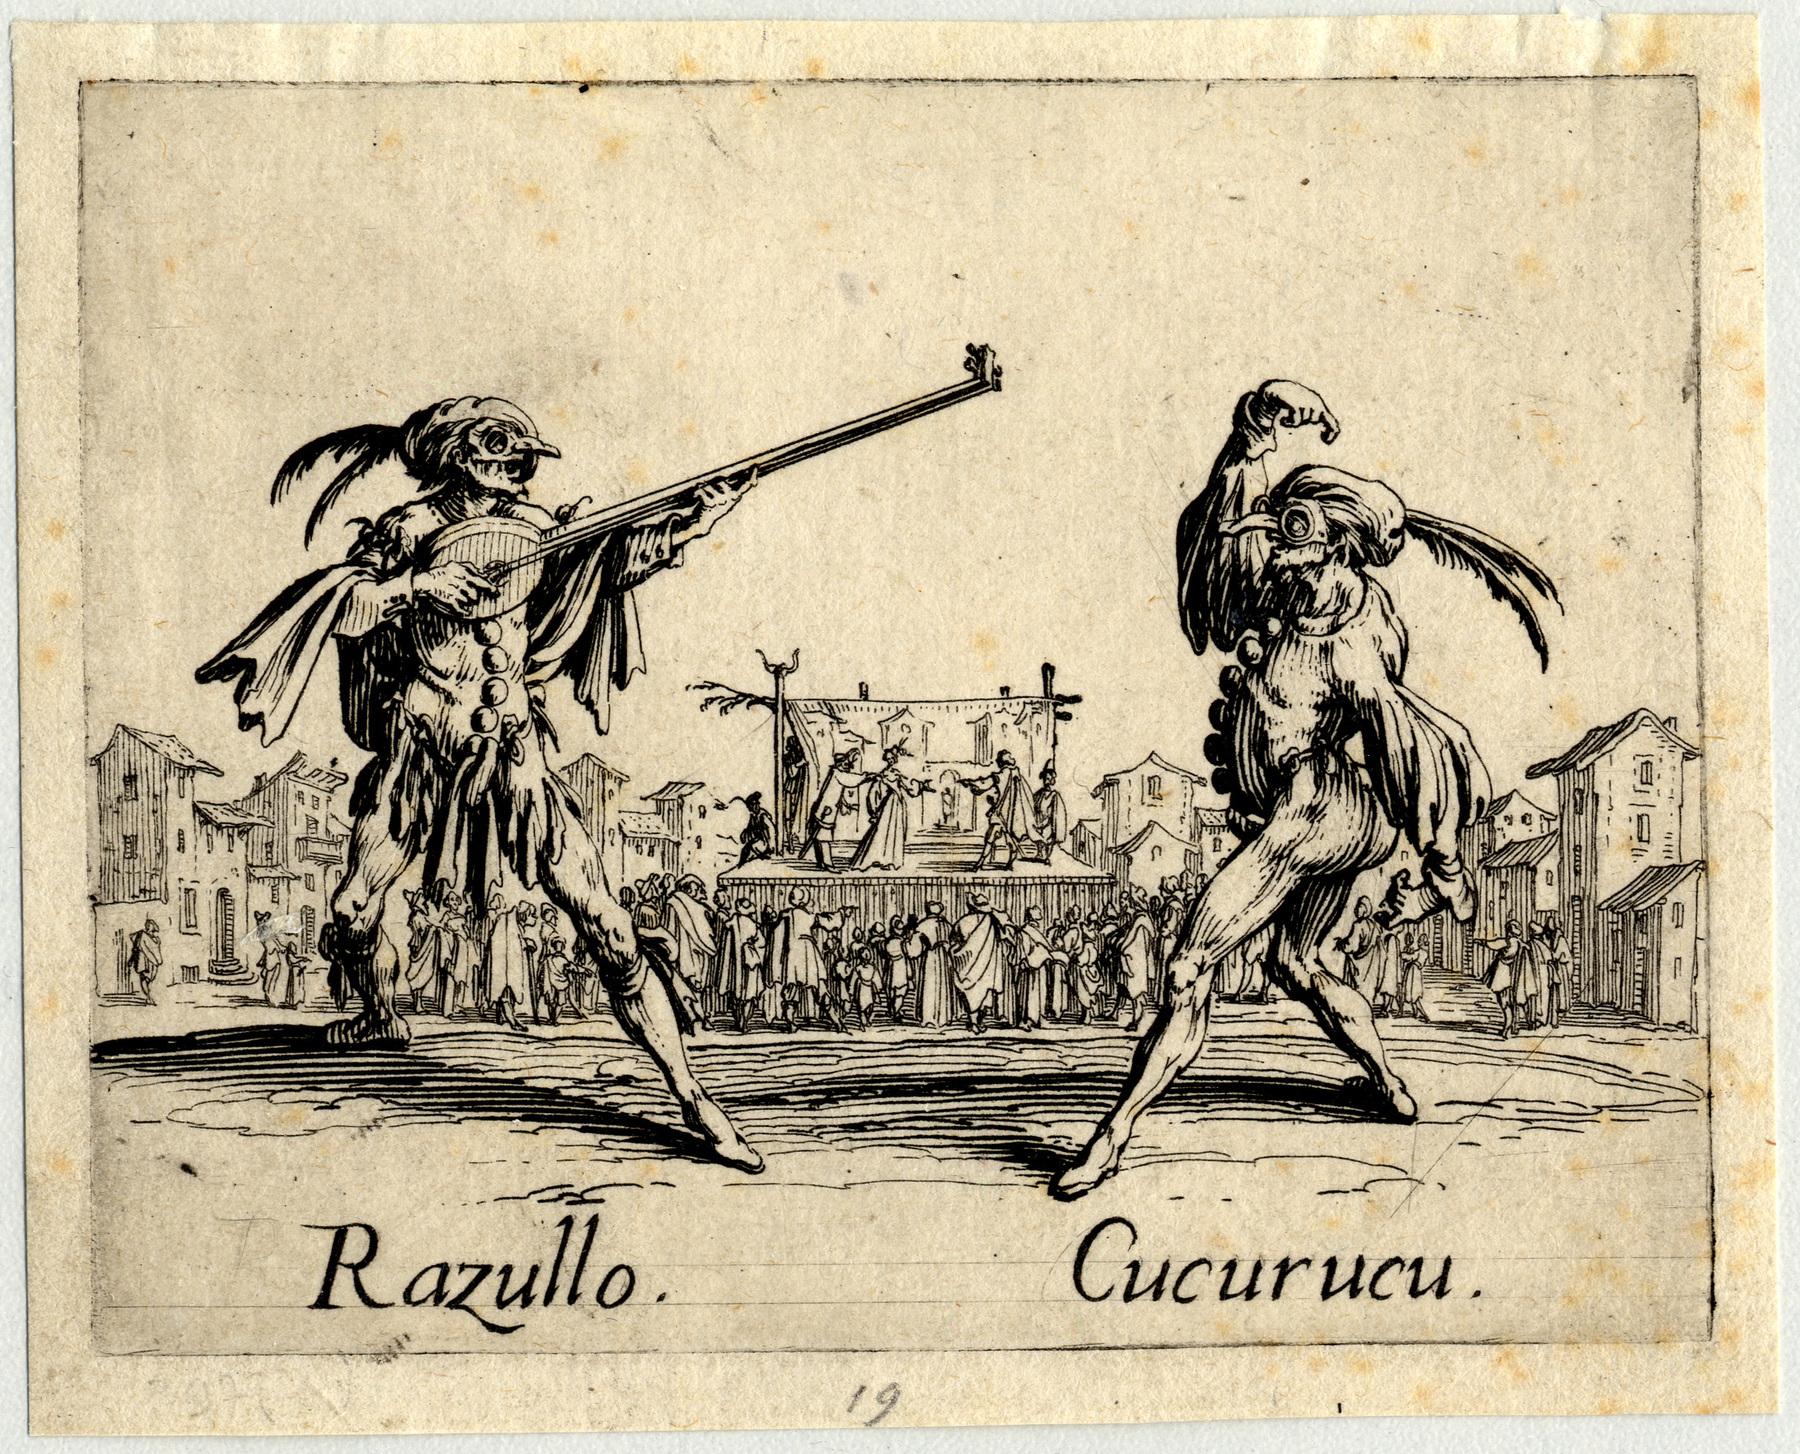 Contenu du Balli di Sfessania : Razullo, Cucurucu